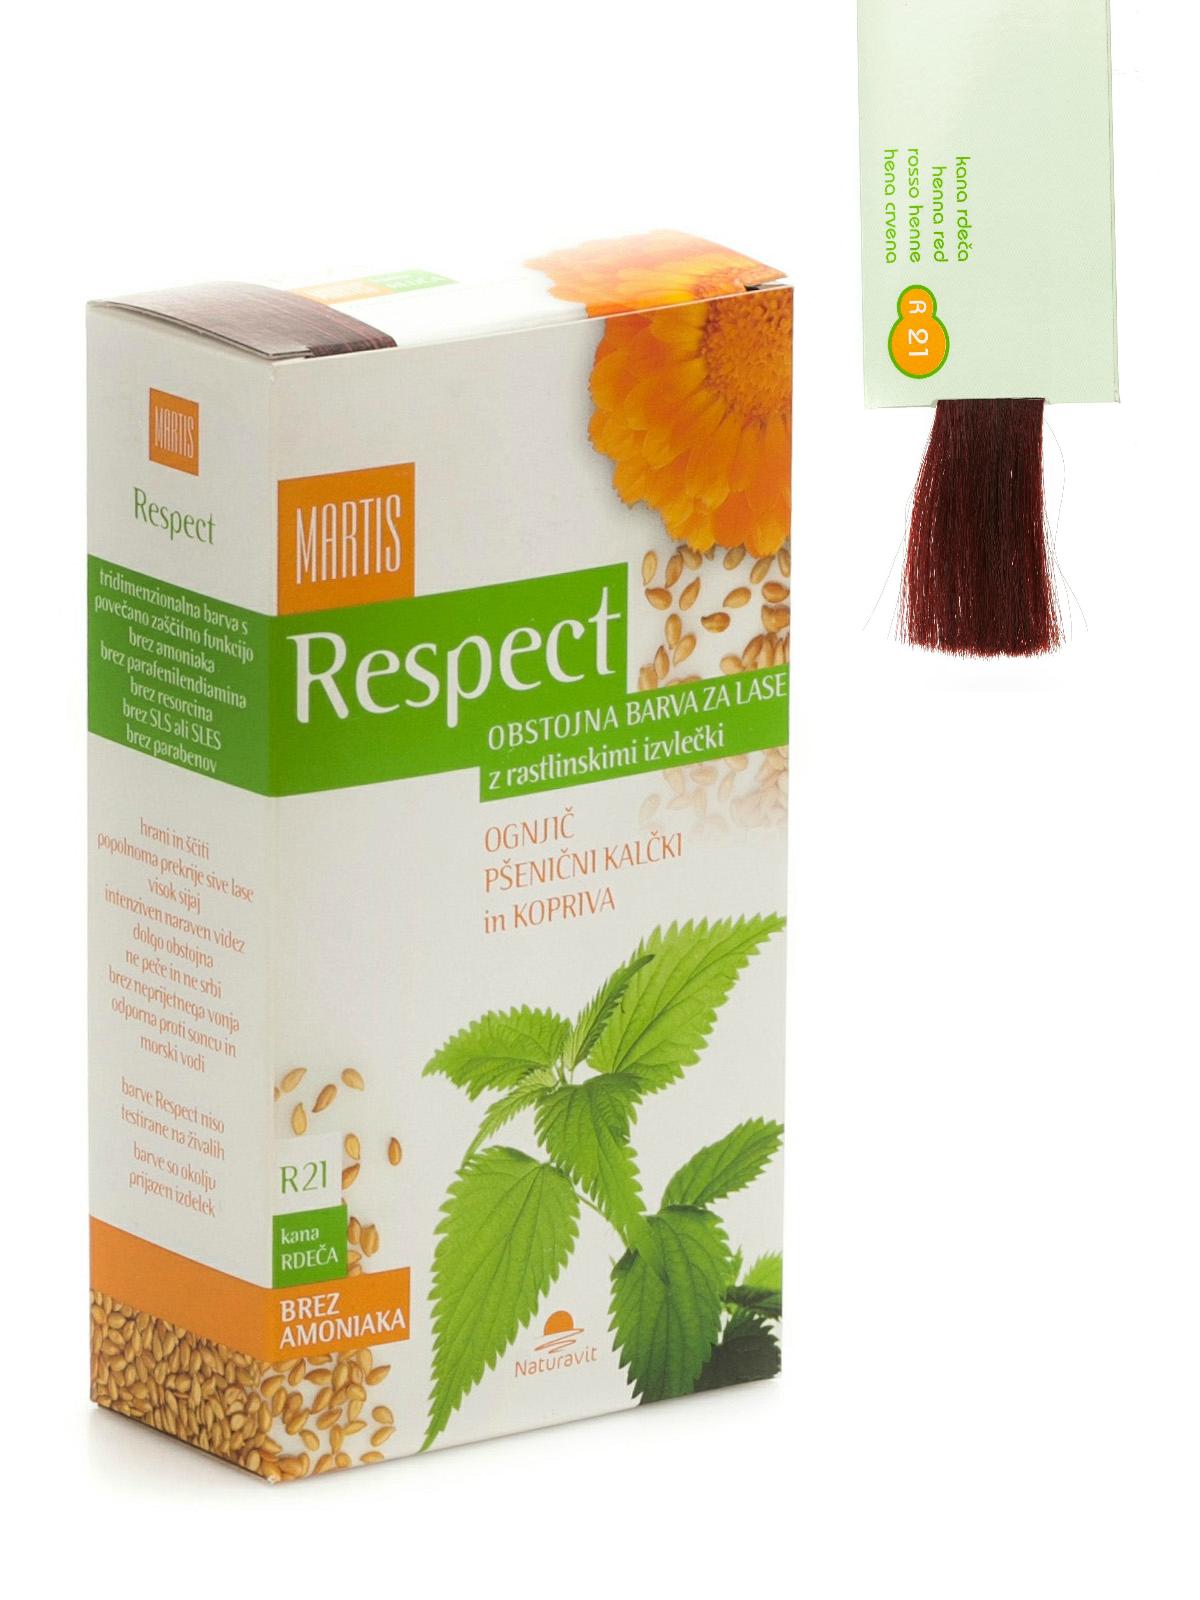 """Ilgalaikiai plaukų dažai MARTIS RESPECT su augaliniais ekstraktais  """"Chna su raudonu atspalviu"""" Nr.21, 135ml"""